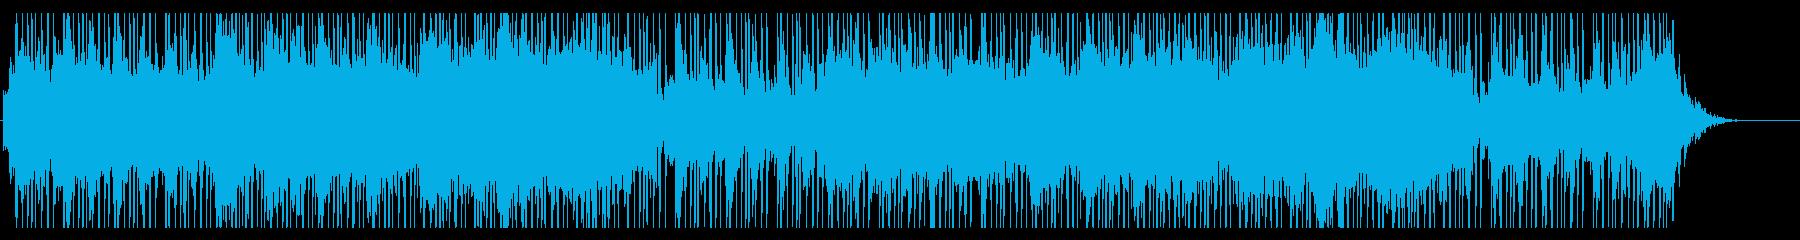 RPGの地下ダンジョンに合うローファイ曲の再生済みの波形